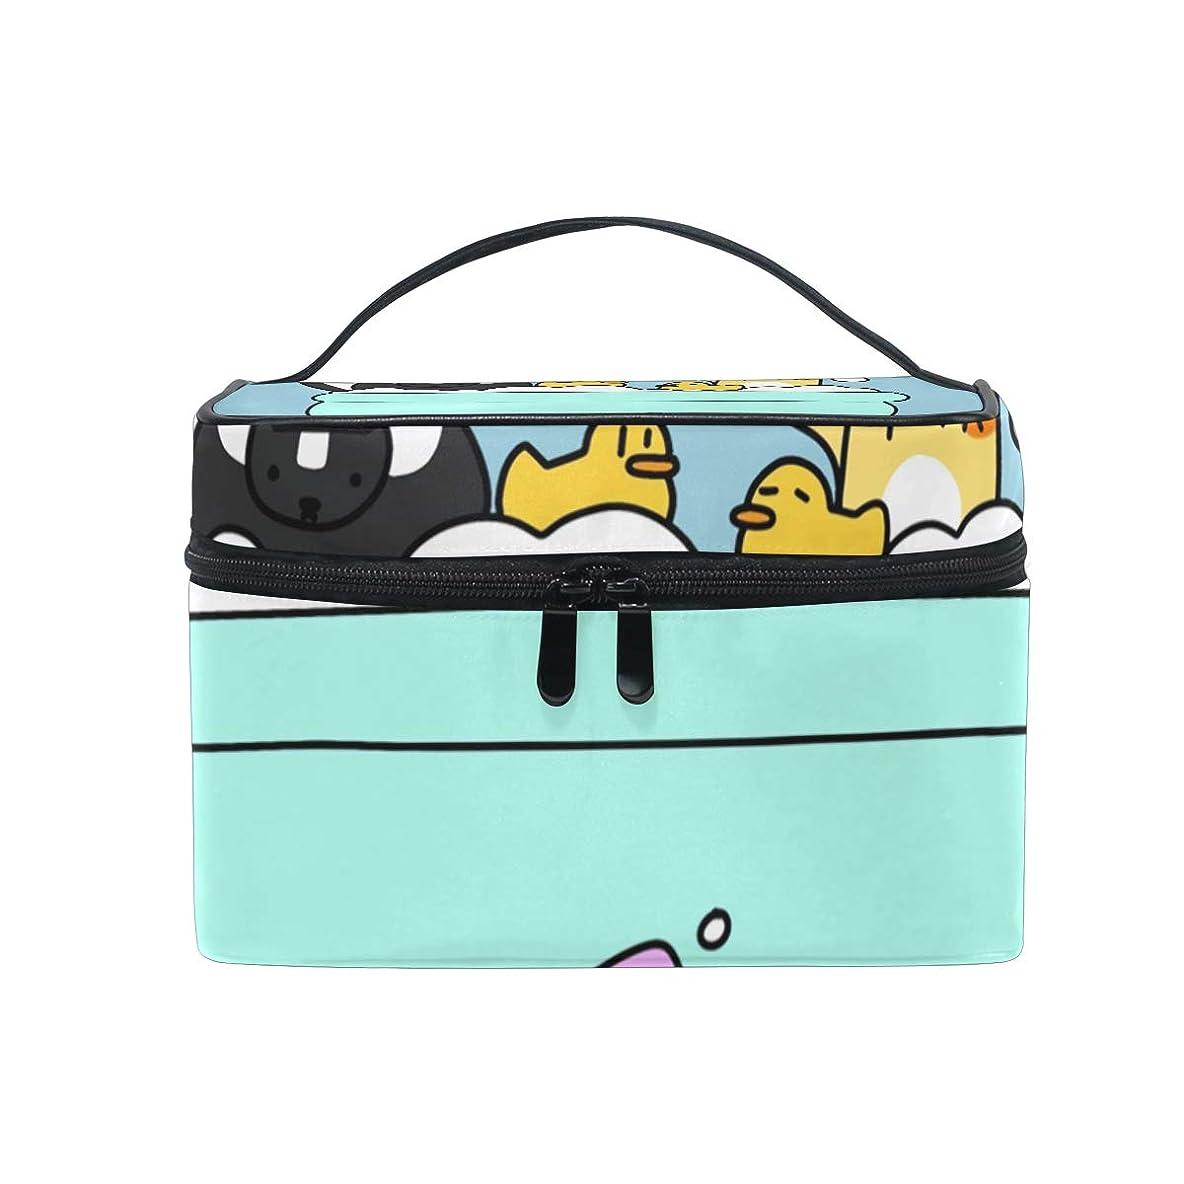 服を着る調停するクールメイクボックス スカンク猫柄 化粧ポーチ 化粧品 化粧道具 小物入れ メイクブラシバッグ 大容量 旅行用 収納ケース